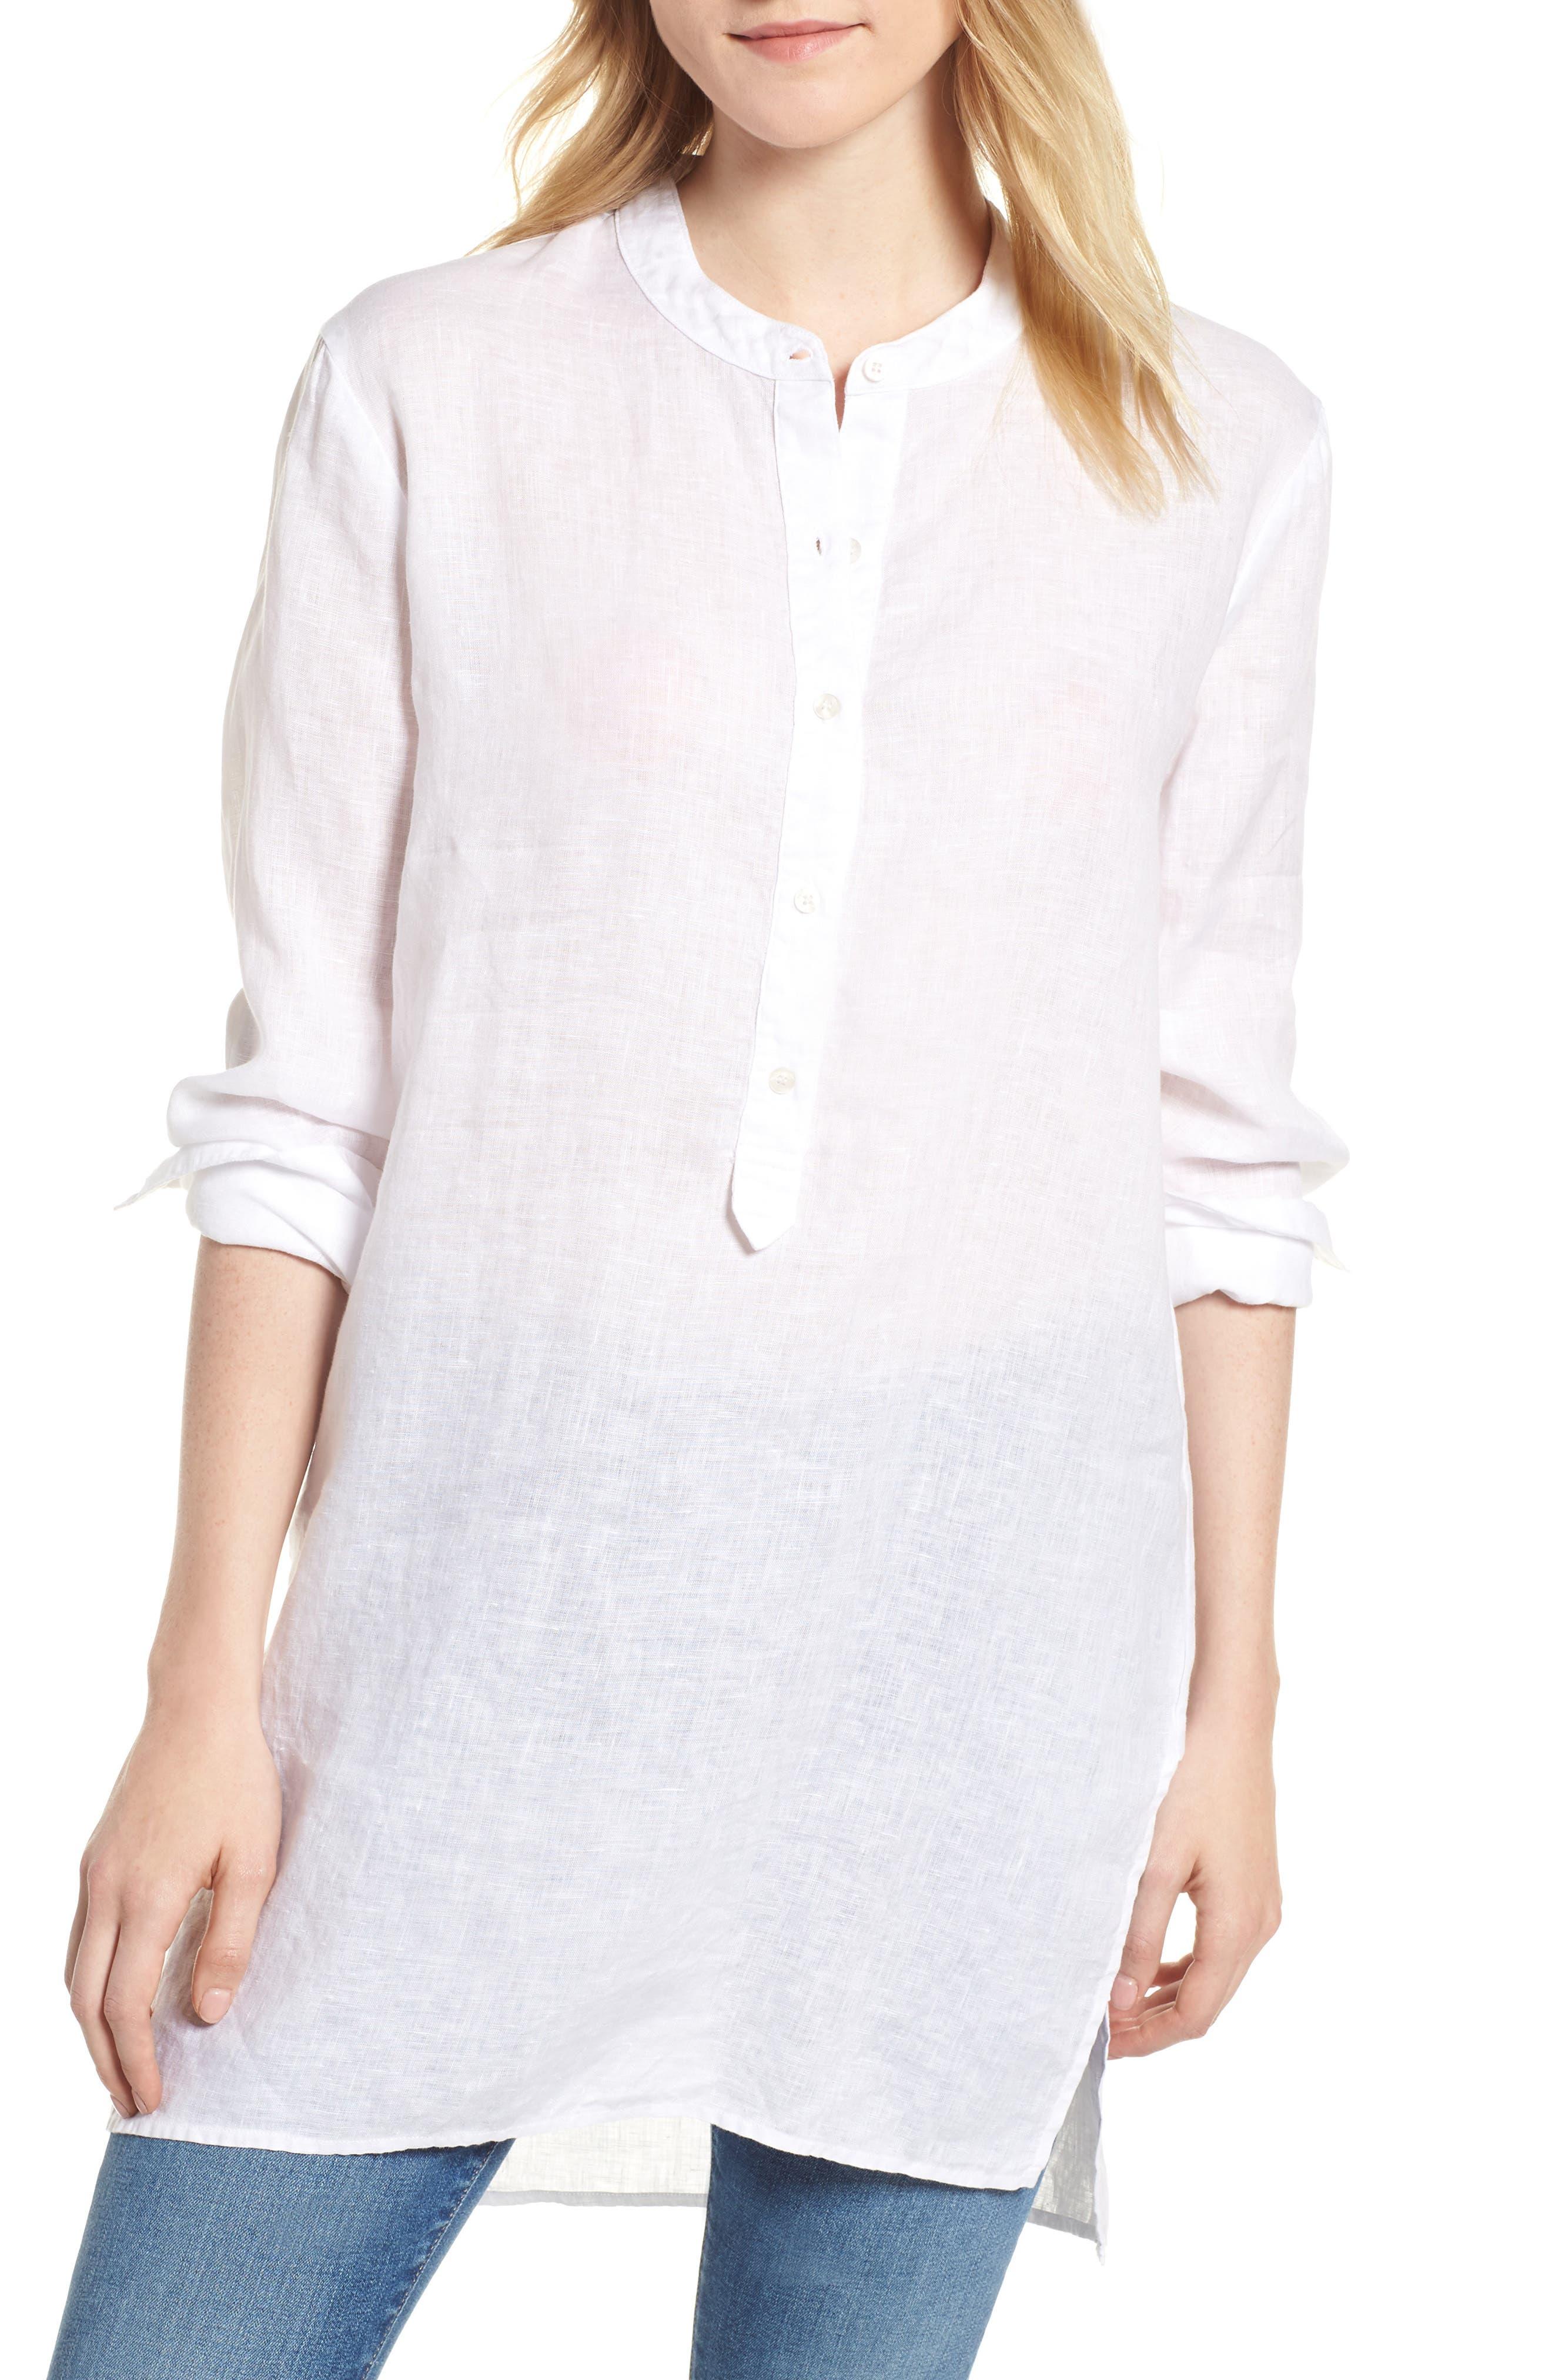 Shirting Tunic Top,                             Main thumbnail 1, color,                             White